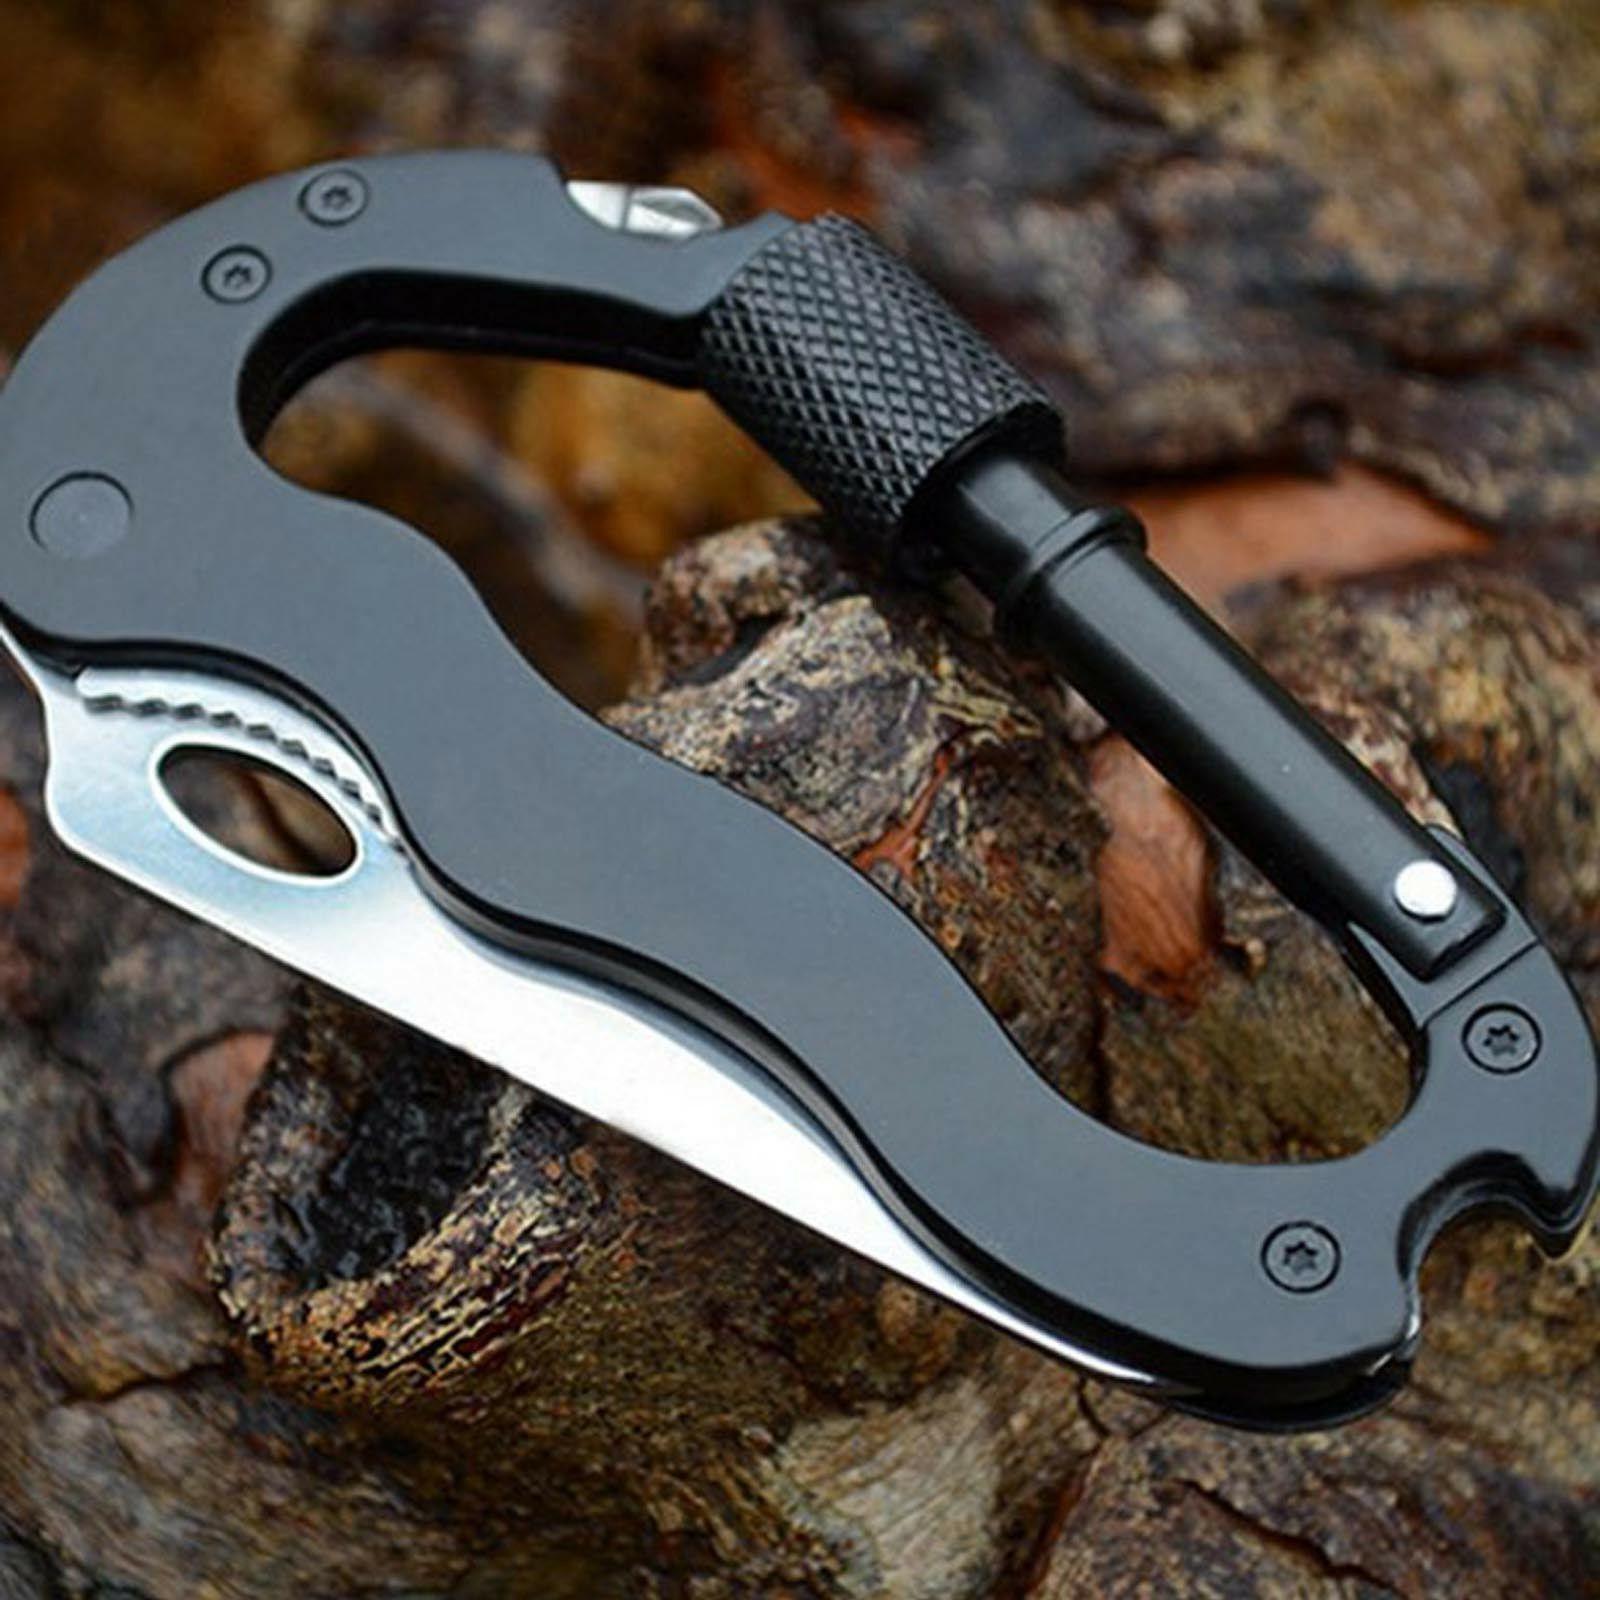 survival camping edc multi tool gear carabiner